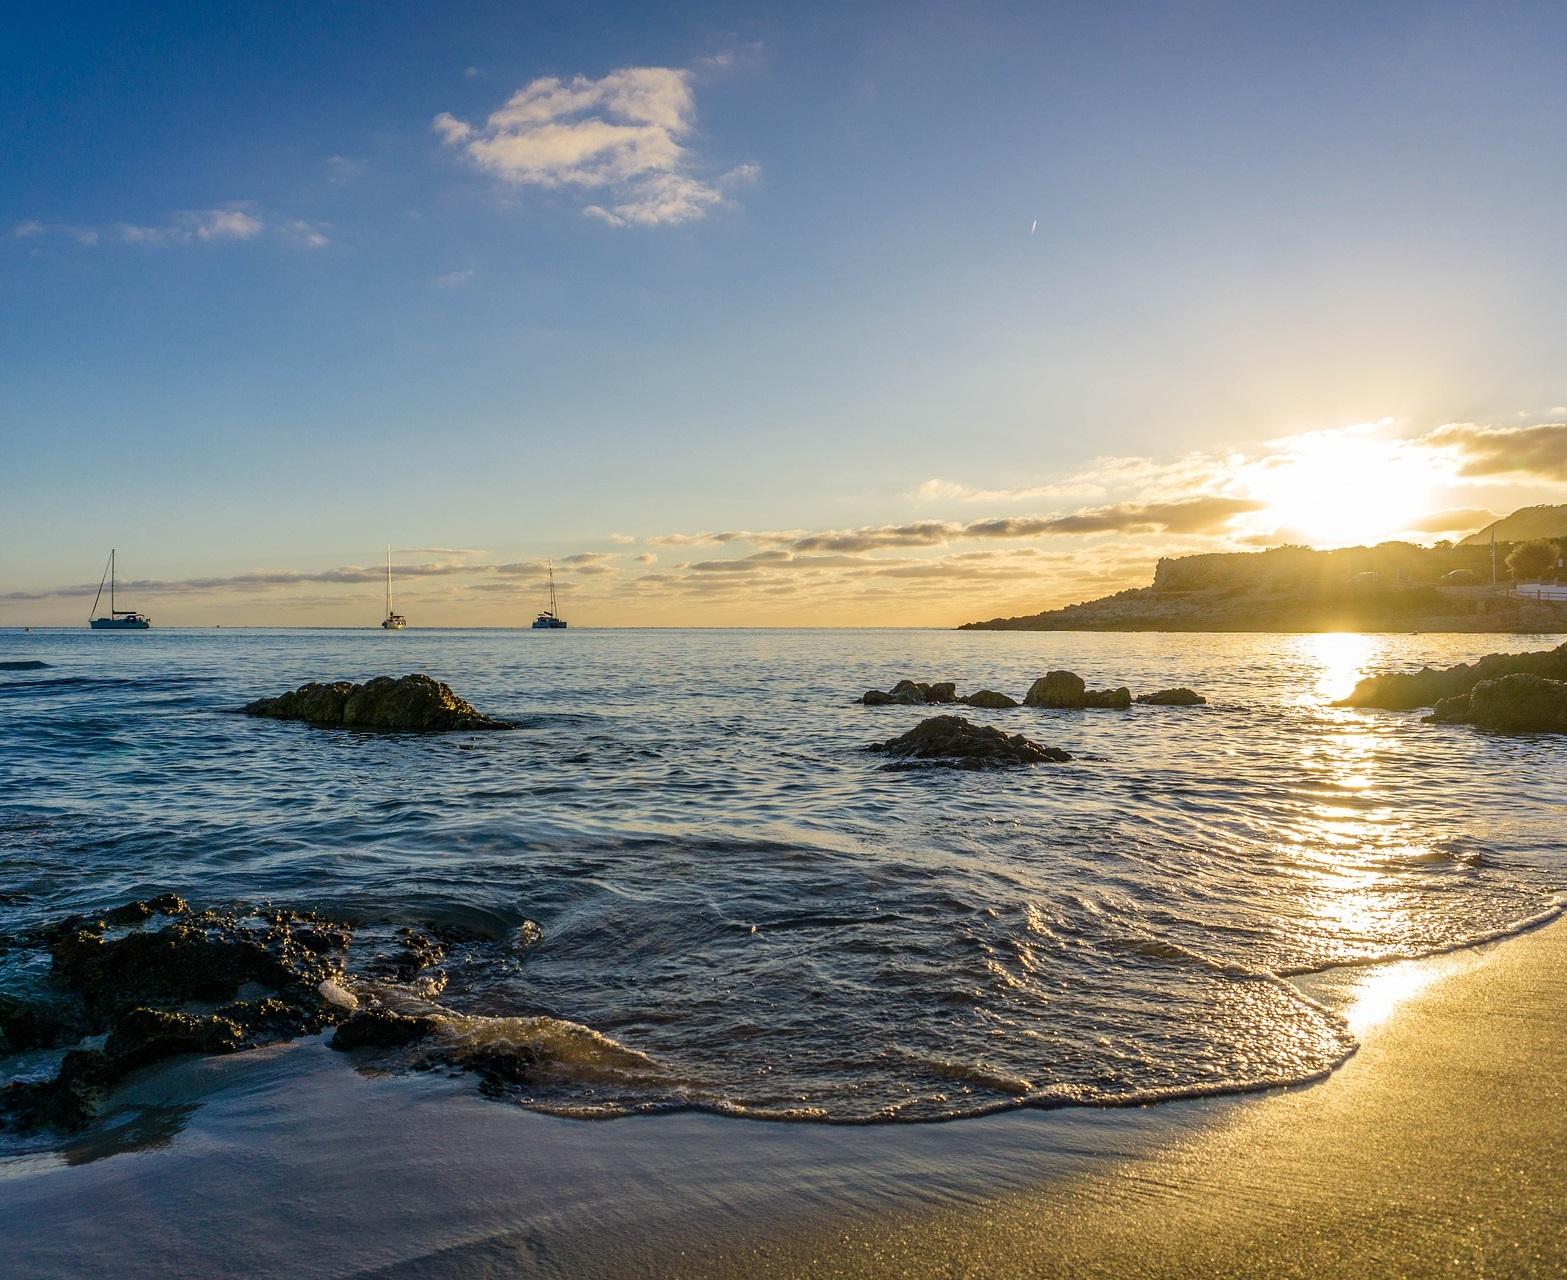 finanzielle Unabhängigkeit - Meer, Sonne, Strand